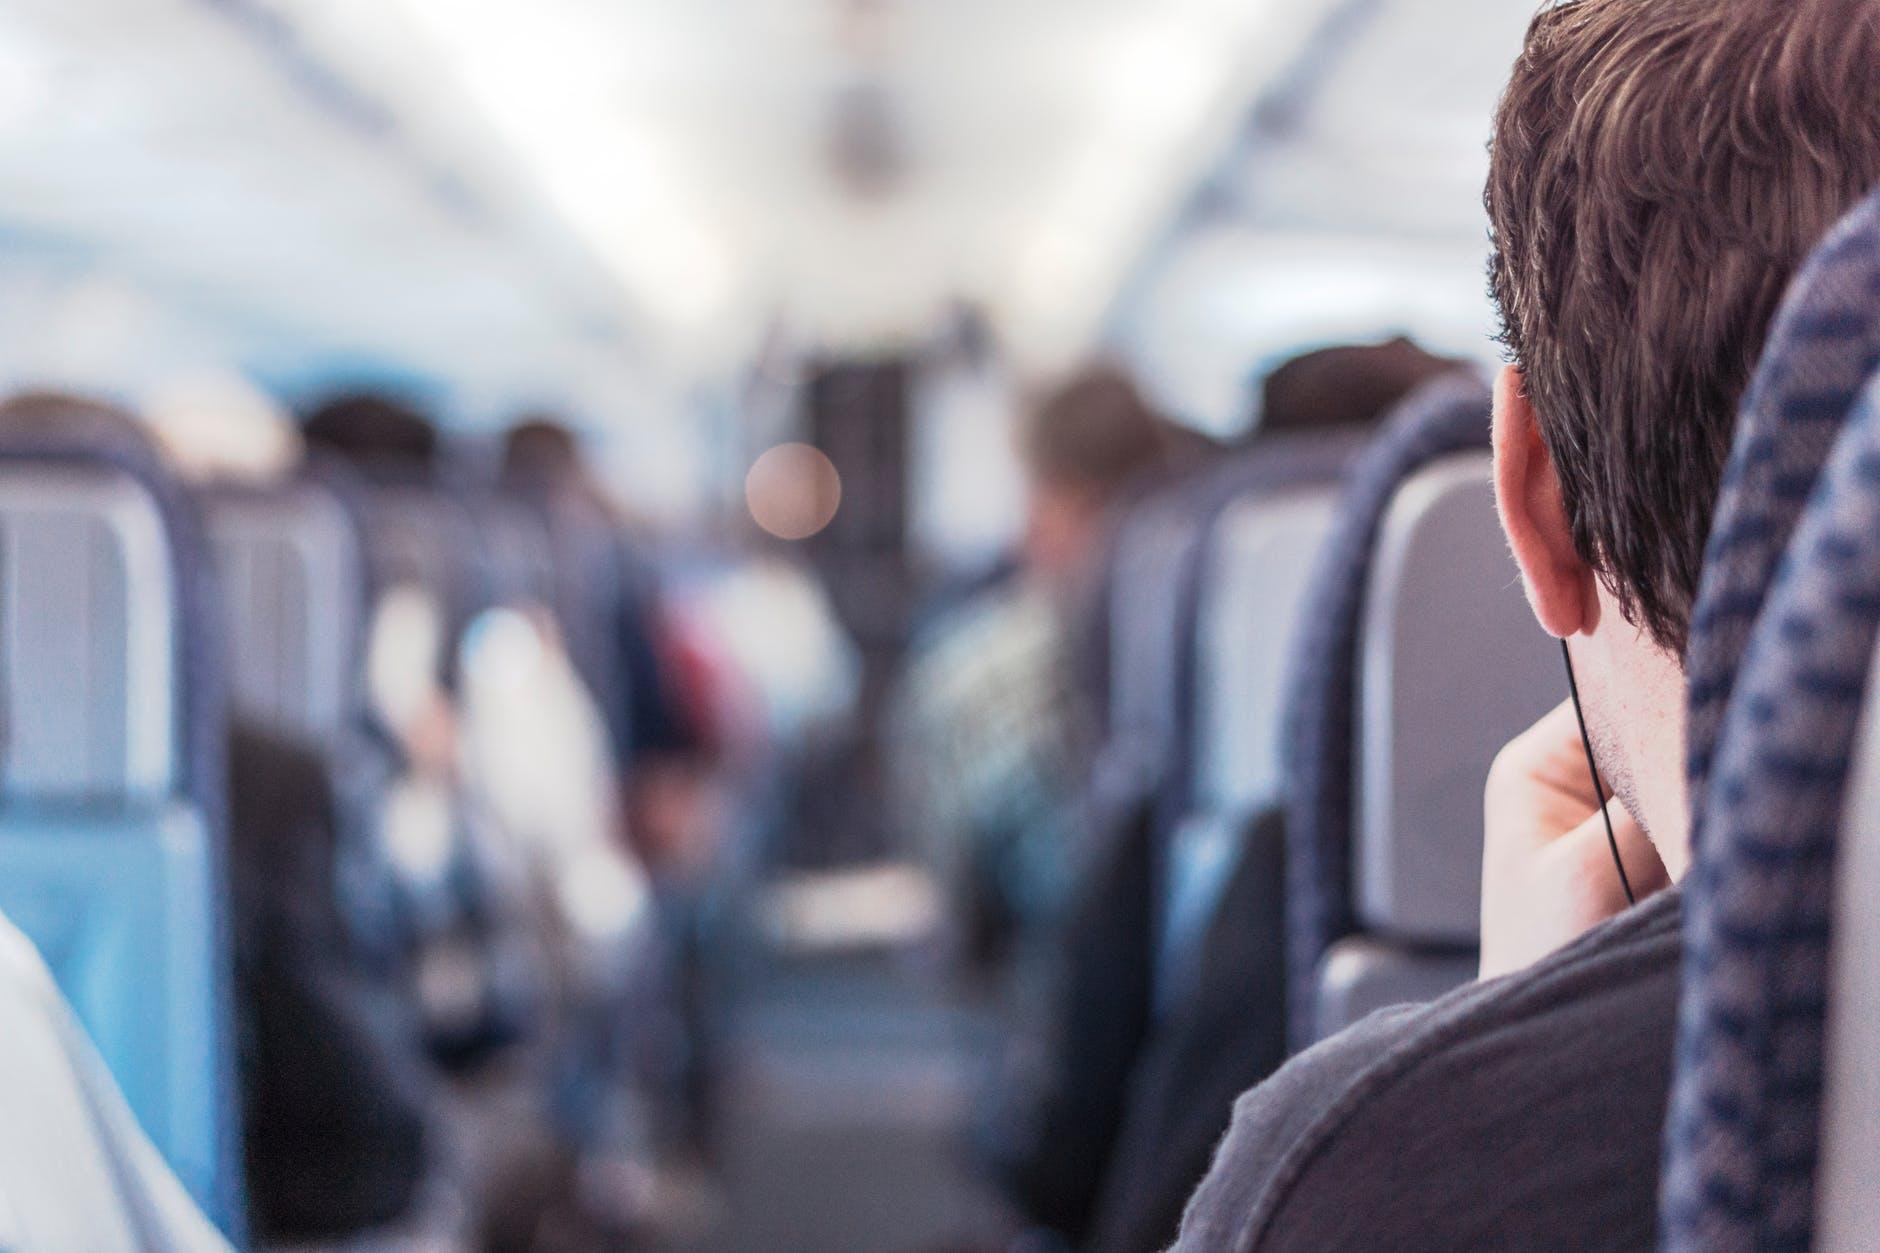 man-person-flight